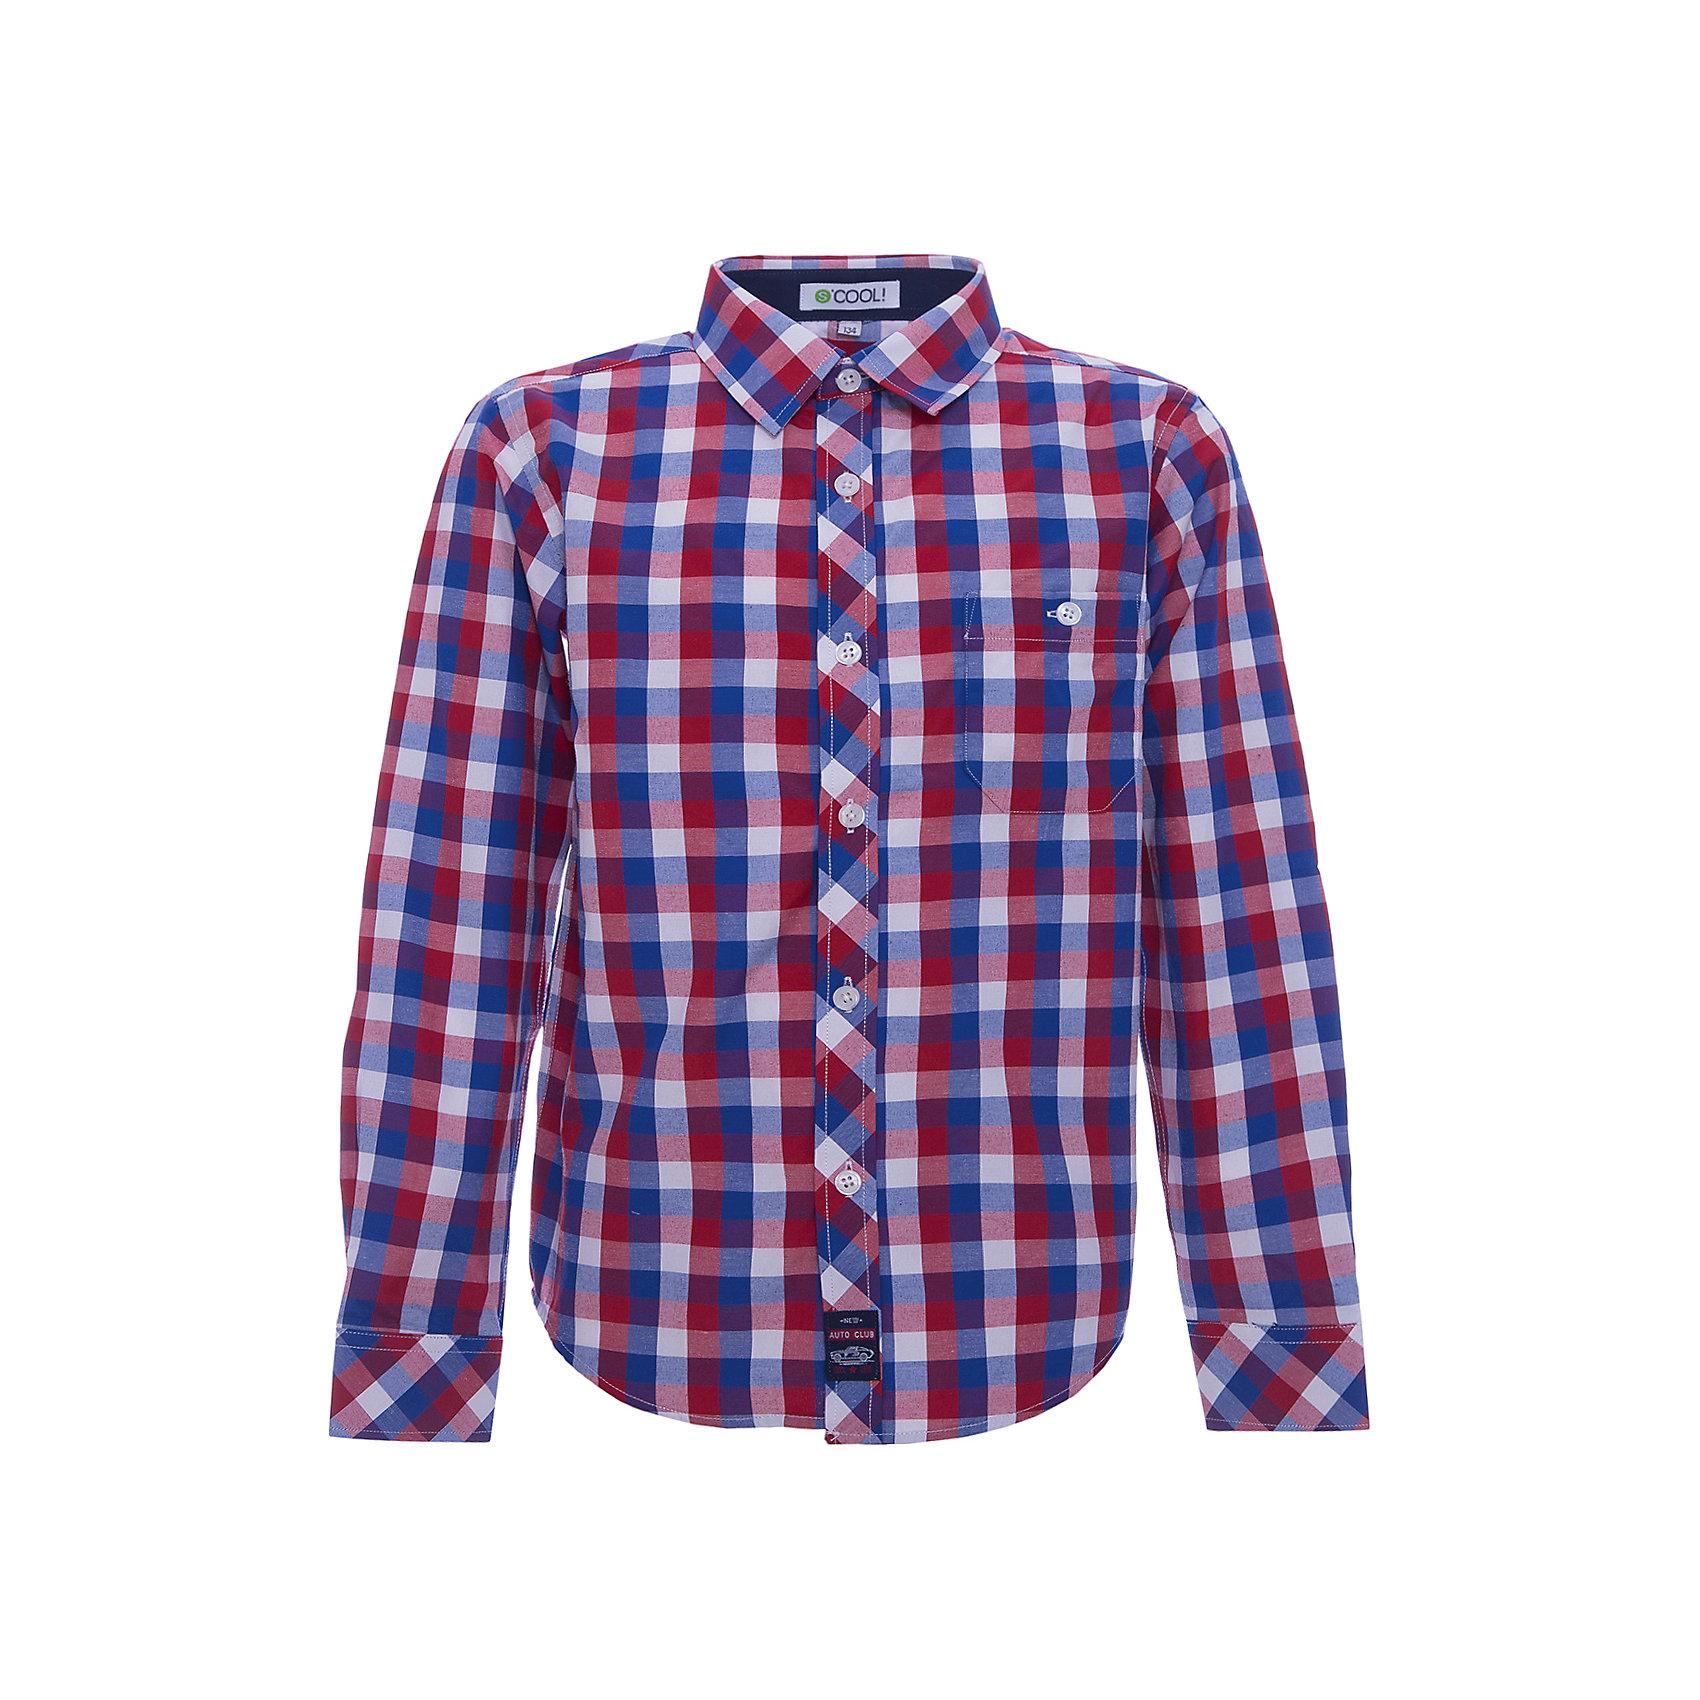 Рубашка для мальчика ScoolБлузки и рубашки<br>Характеристики товара:<br><br>• цвет: красный/синий<br>• состав: 80% хлопок, 20% полиэстер<br>• отложной воротник<br>• застежка: пуговицы<br>• качественный материал<br>• уплотненные манжеты<br>• нагрудный карман на пуговице<br>• страна бренда: Германия<br>• страна производства: Китай<br><br>Рубашка в клетку для мальчика Scool. Эффектная рубашка с длинным рукавом для мальчика в стиле кантри.  Практична и очень удобна для повседневной носки. Ткань  мягкая и приятная на ощупь, не раздражает нежную детскую кожу.<br><br>Сорочку для мальчика от известного бренда Scool можно купить в нашем интернет-магазине.<br><br>Ширина мм: 190<br>Глубина мм: 74<br>Высота мм: 229<br>Вес г: 236<br>Цвет: белый<br>Возраст от месяцев: 144<br>Возраст до месяцев: 156<br>Пол: Мужской<br>Возраст: Детский<br>Размер: 158,152,164,134,140,146<br>SKU: 5406557